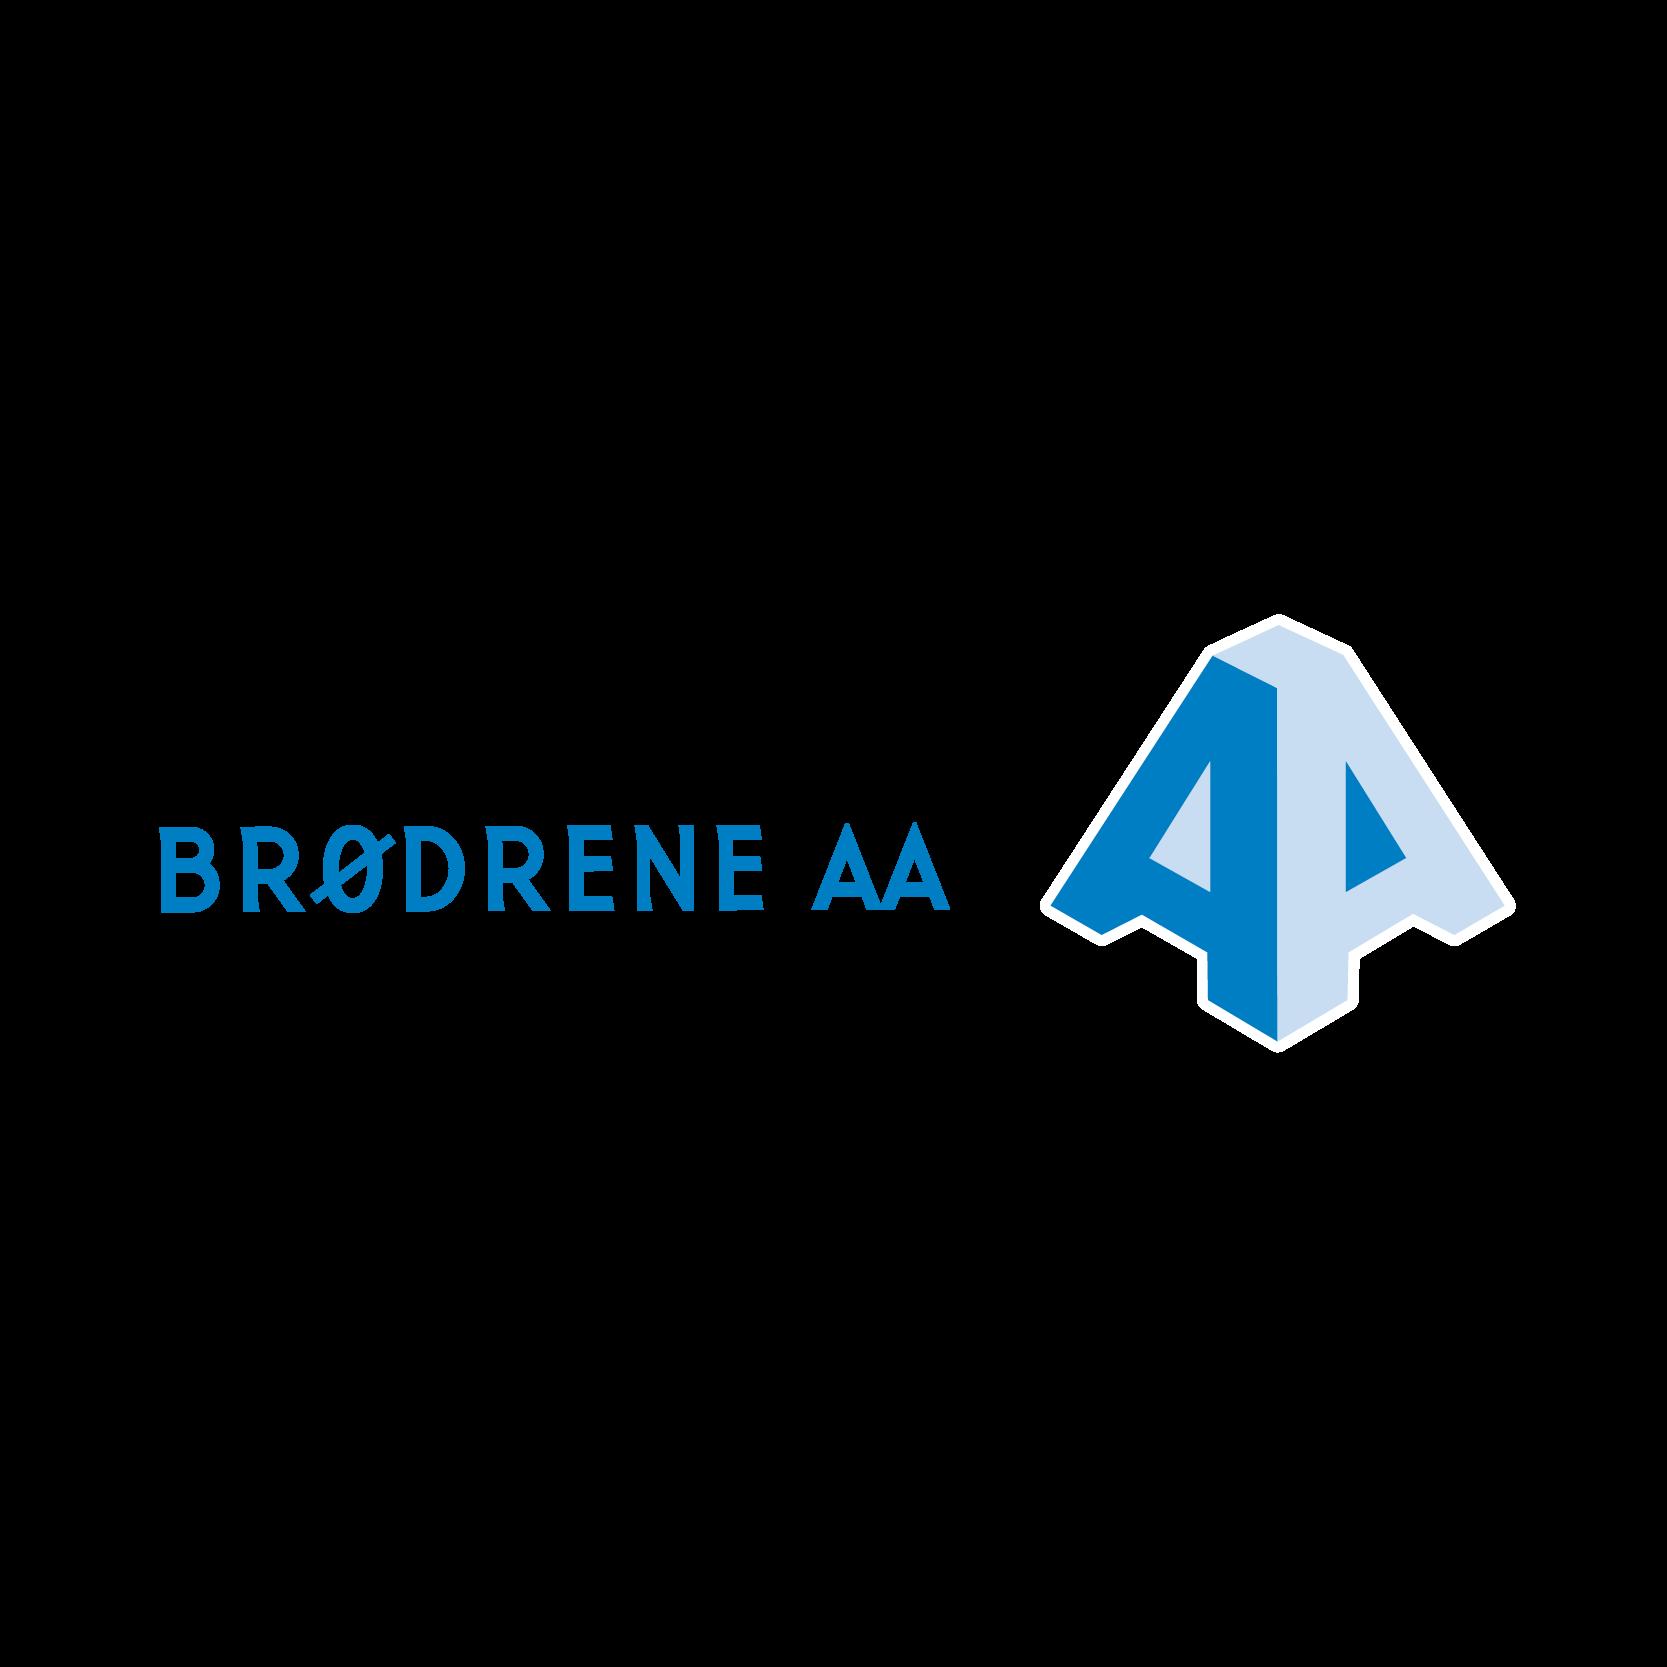 HS_logo4